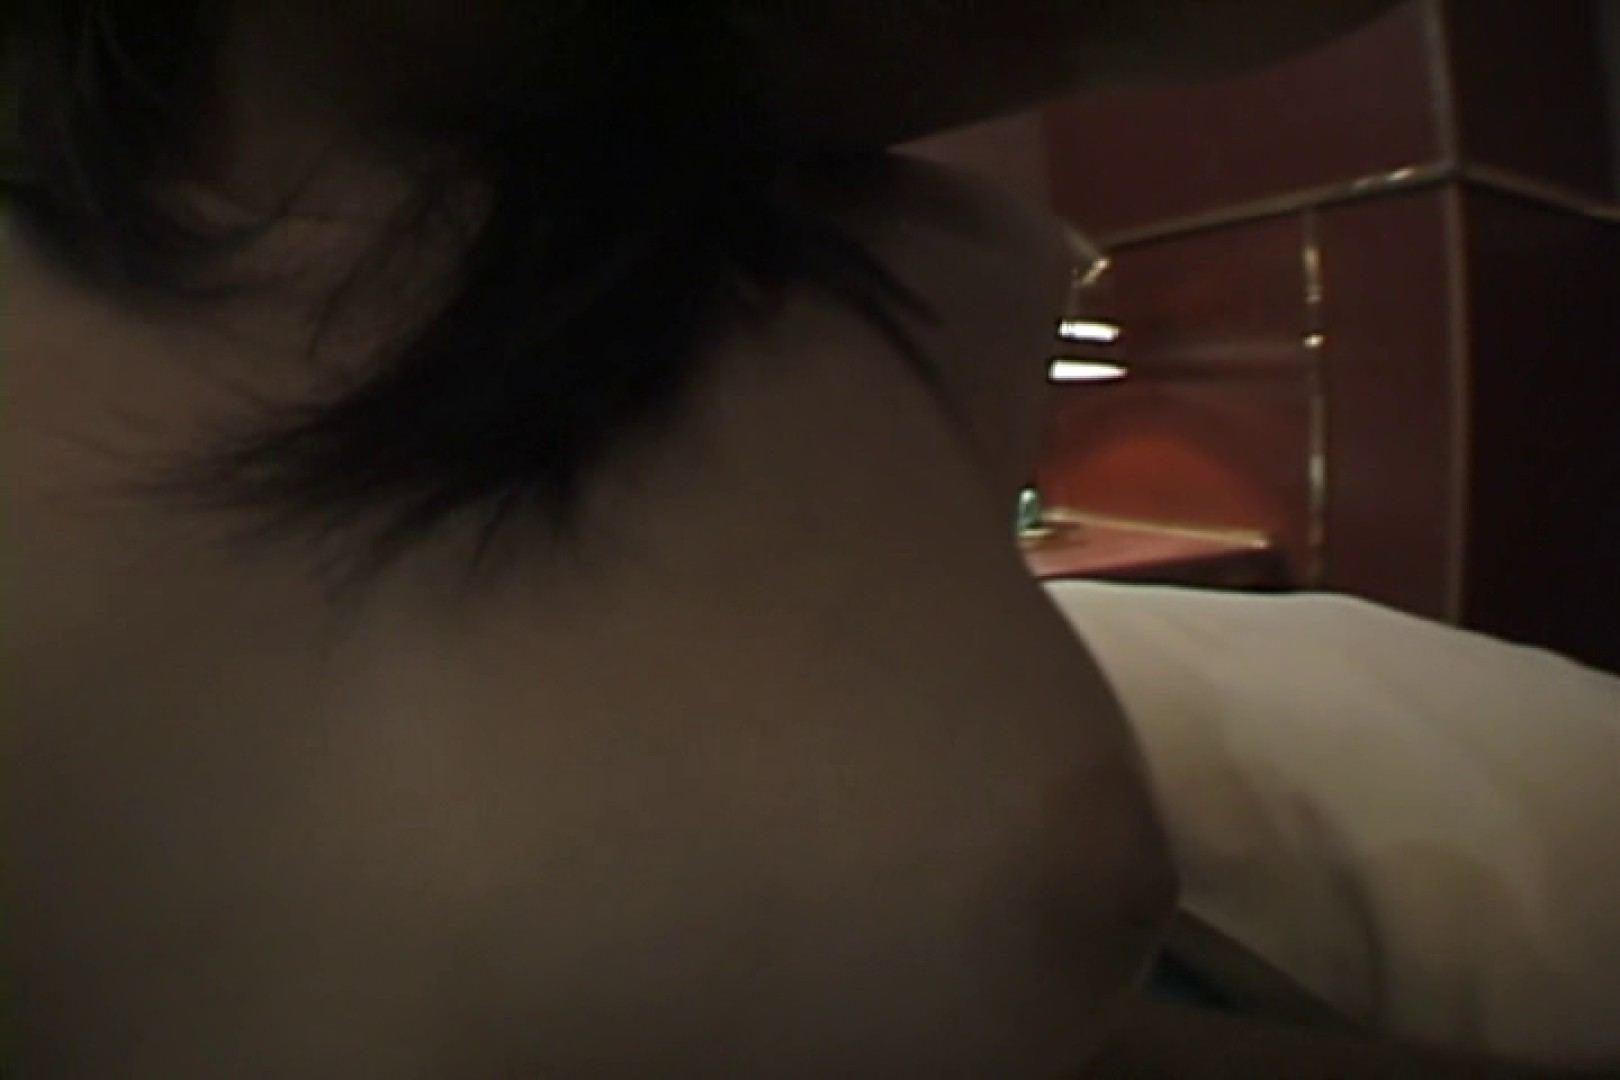 旦那との愛よりも、愛人とのSEX~片瀬梨子~vol,1 SEX のぞき動画画像 58連発 32